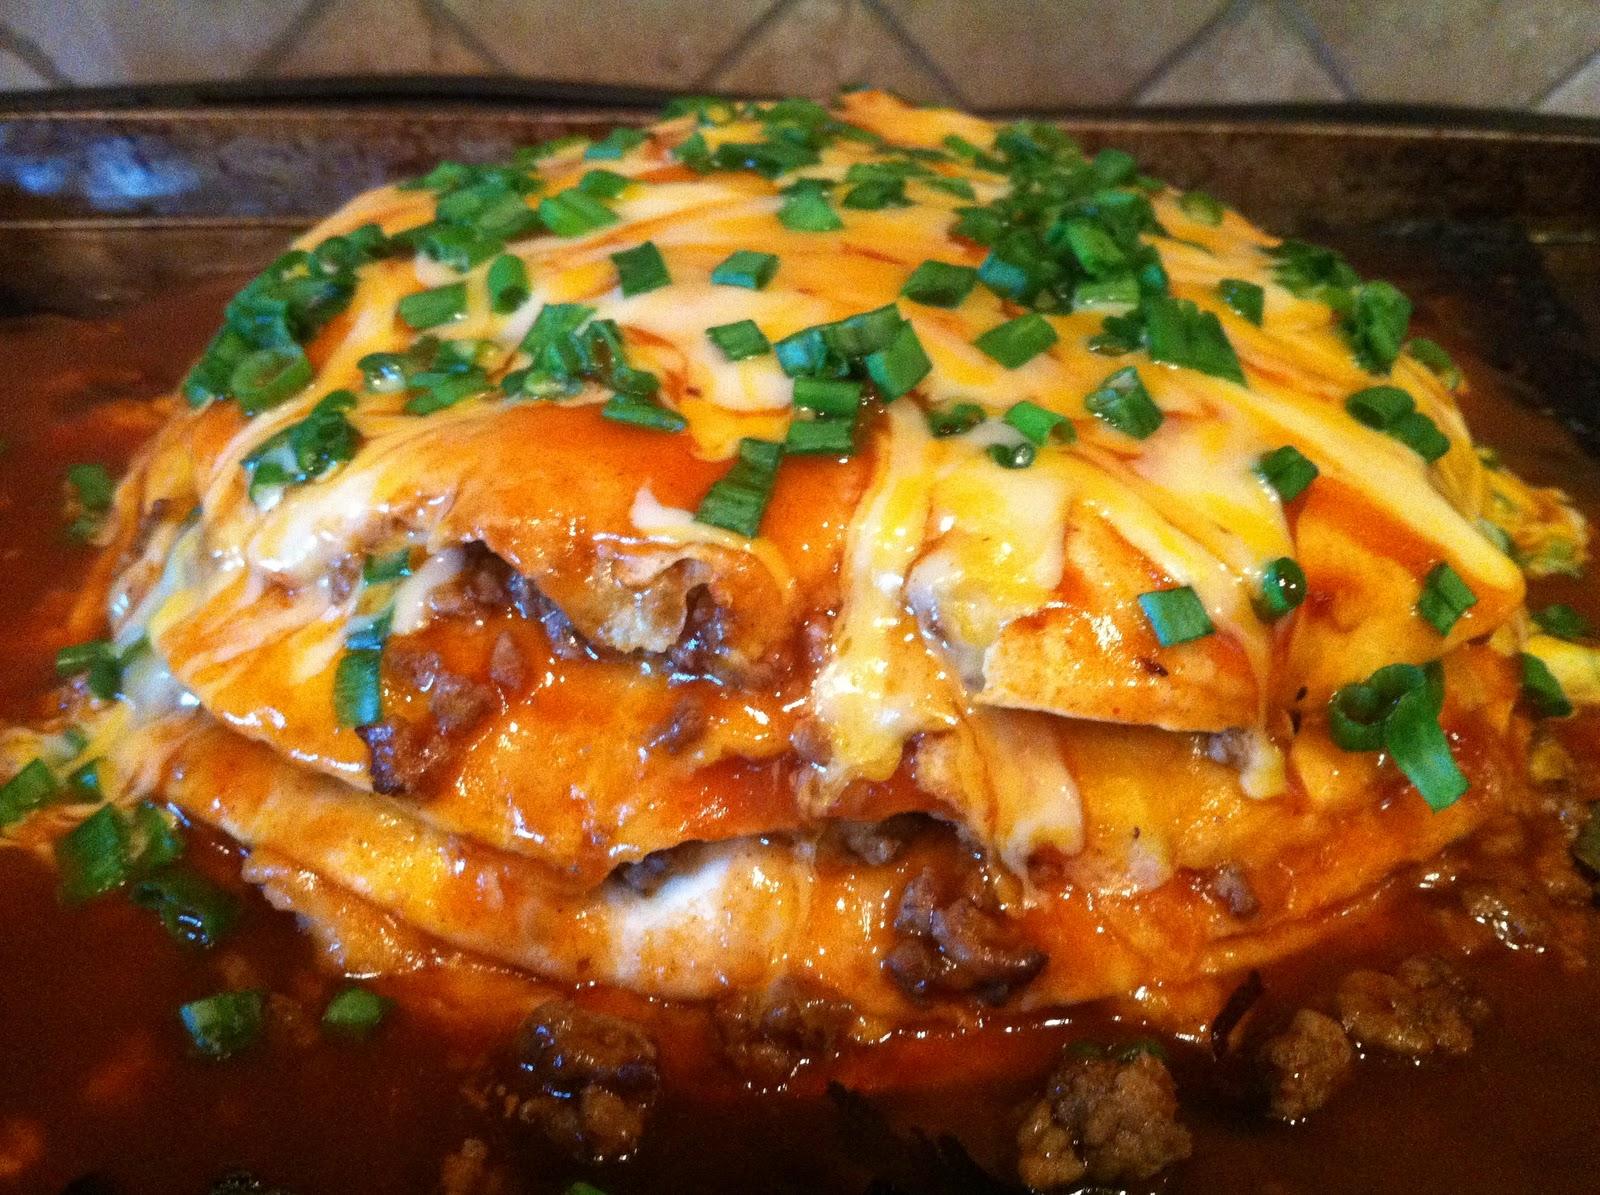 Shammy Says: A Stack of Enchiladas?